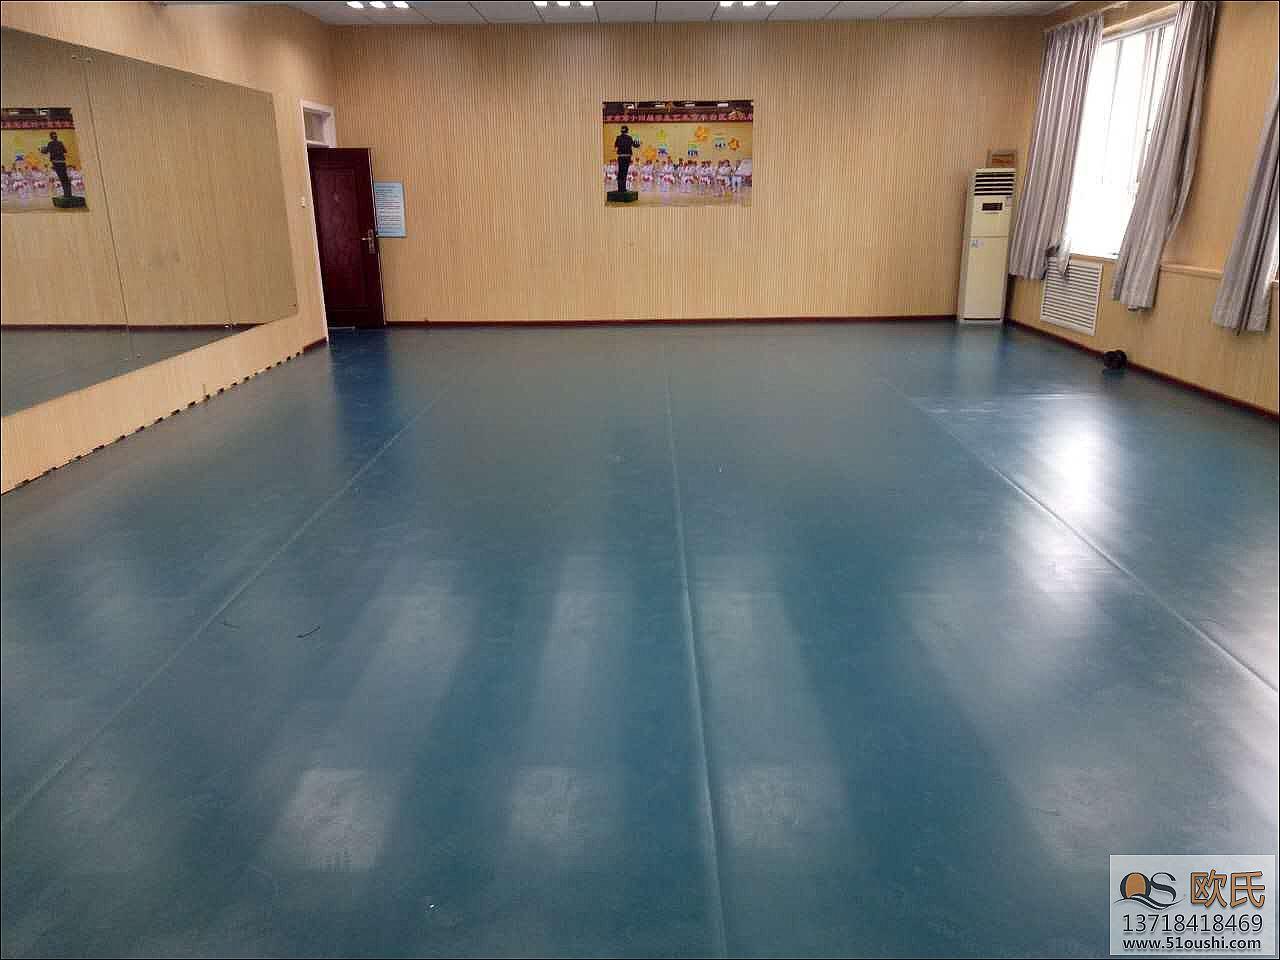 北京舞蹈室地胶舞蹈--丰台区草桥小学-案例论坛地板小学教师图片